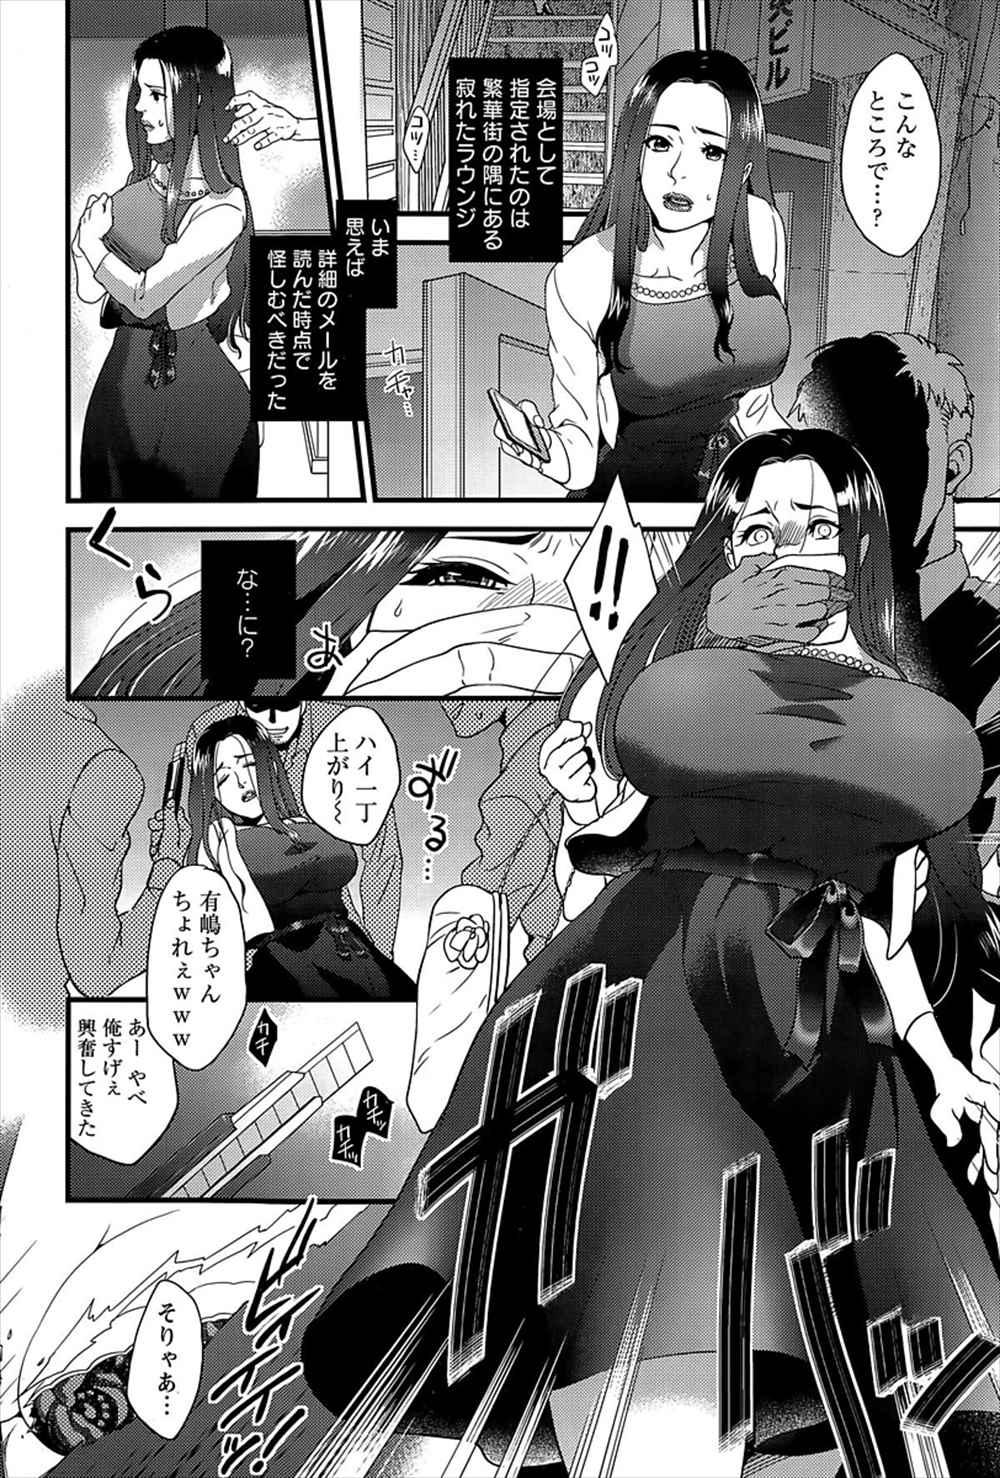 【エロ漫画】三十路熟女の独身が元同級生に拉致監禁された…フラれた腹いせに輪姦乱交ファックwww【ミネサキ:熟華無惨】